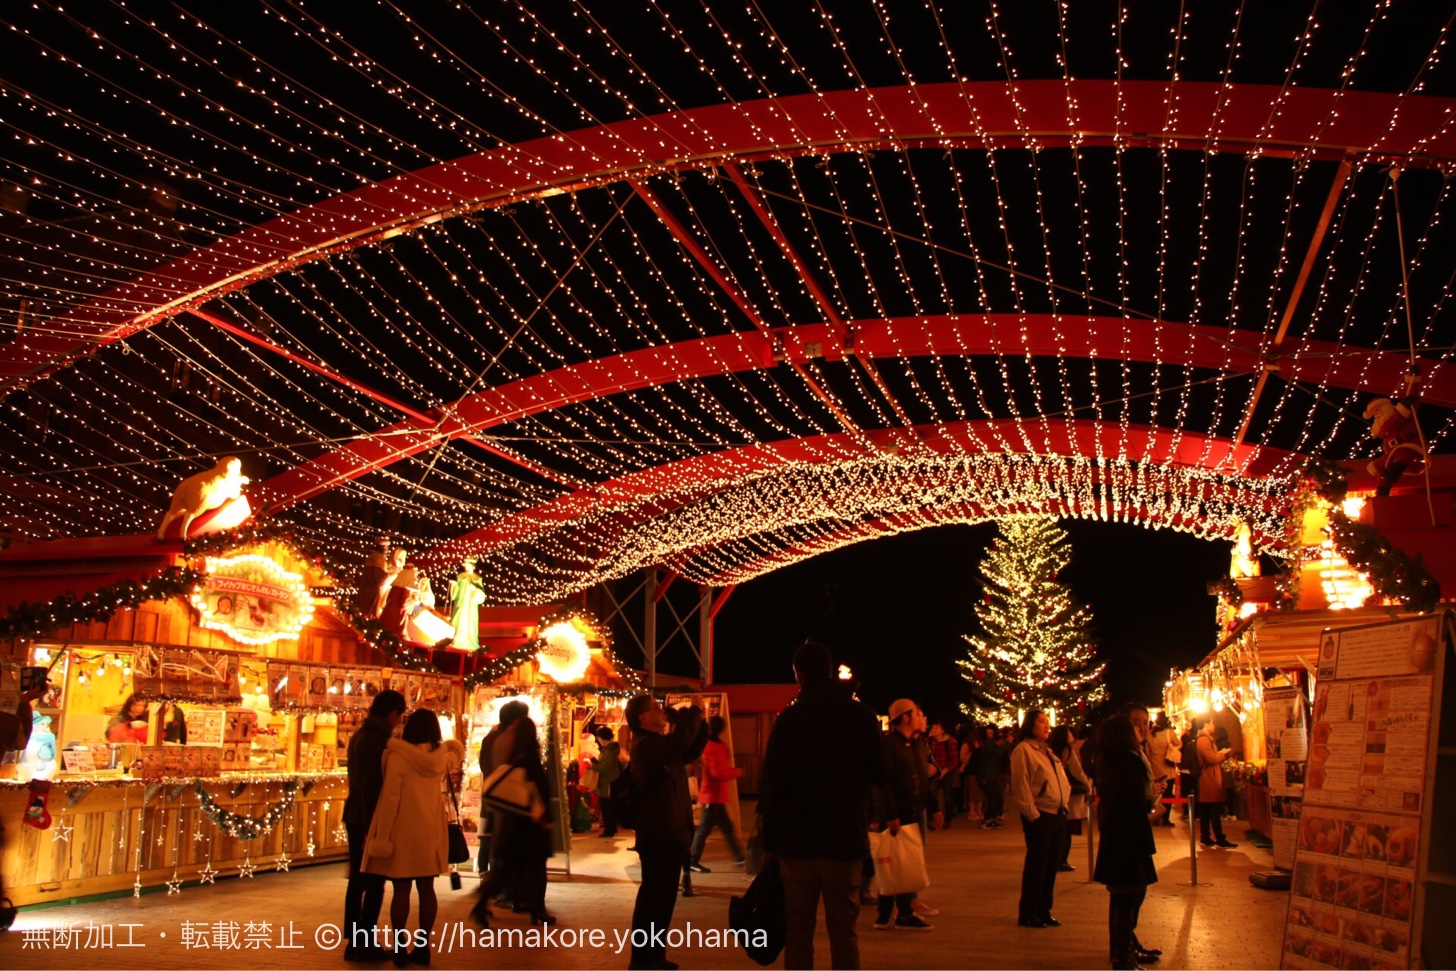 横浜赤レンガ倉庫 クリスマスマーケットの様子